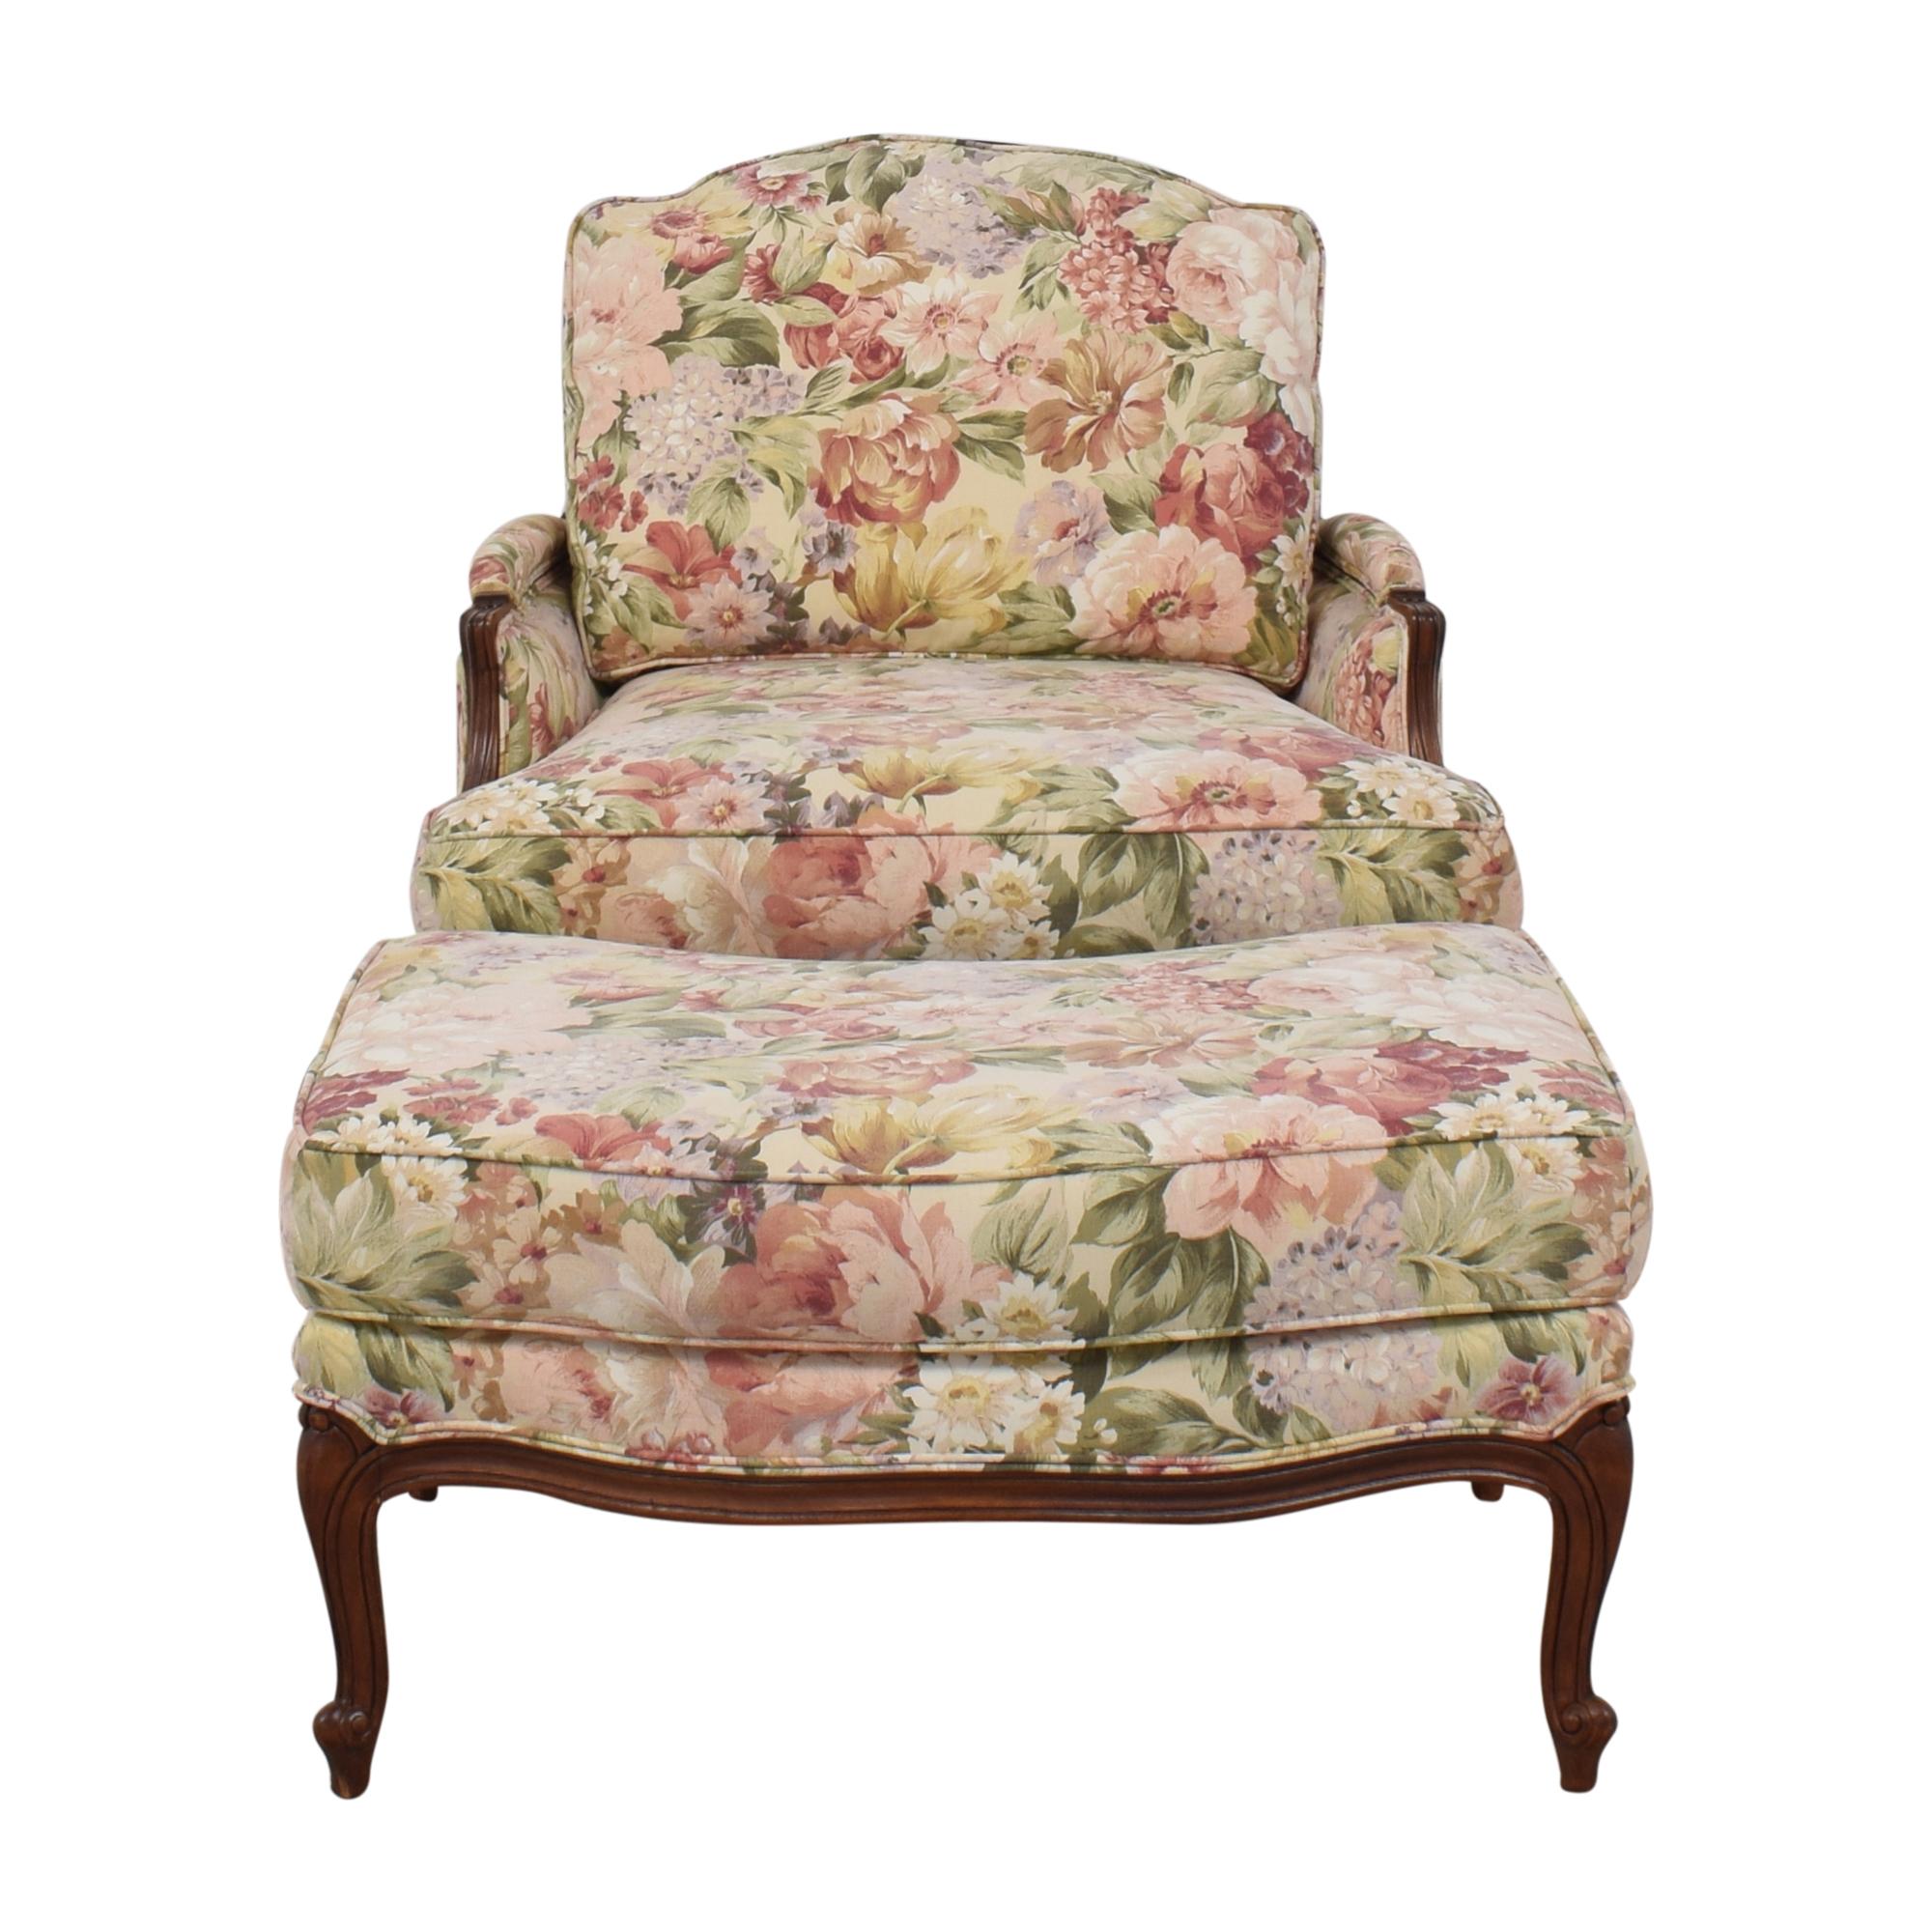 Ethan Allen Ethan Allen Versailles Chair with Ottoman price